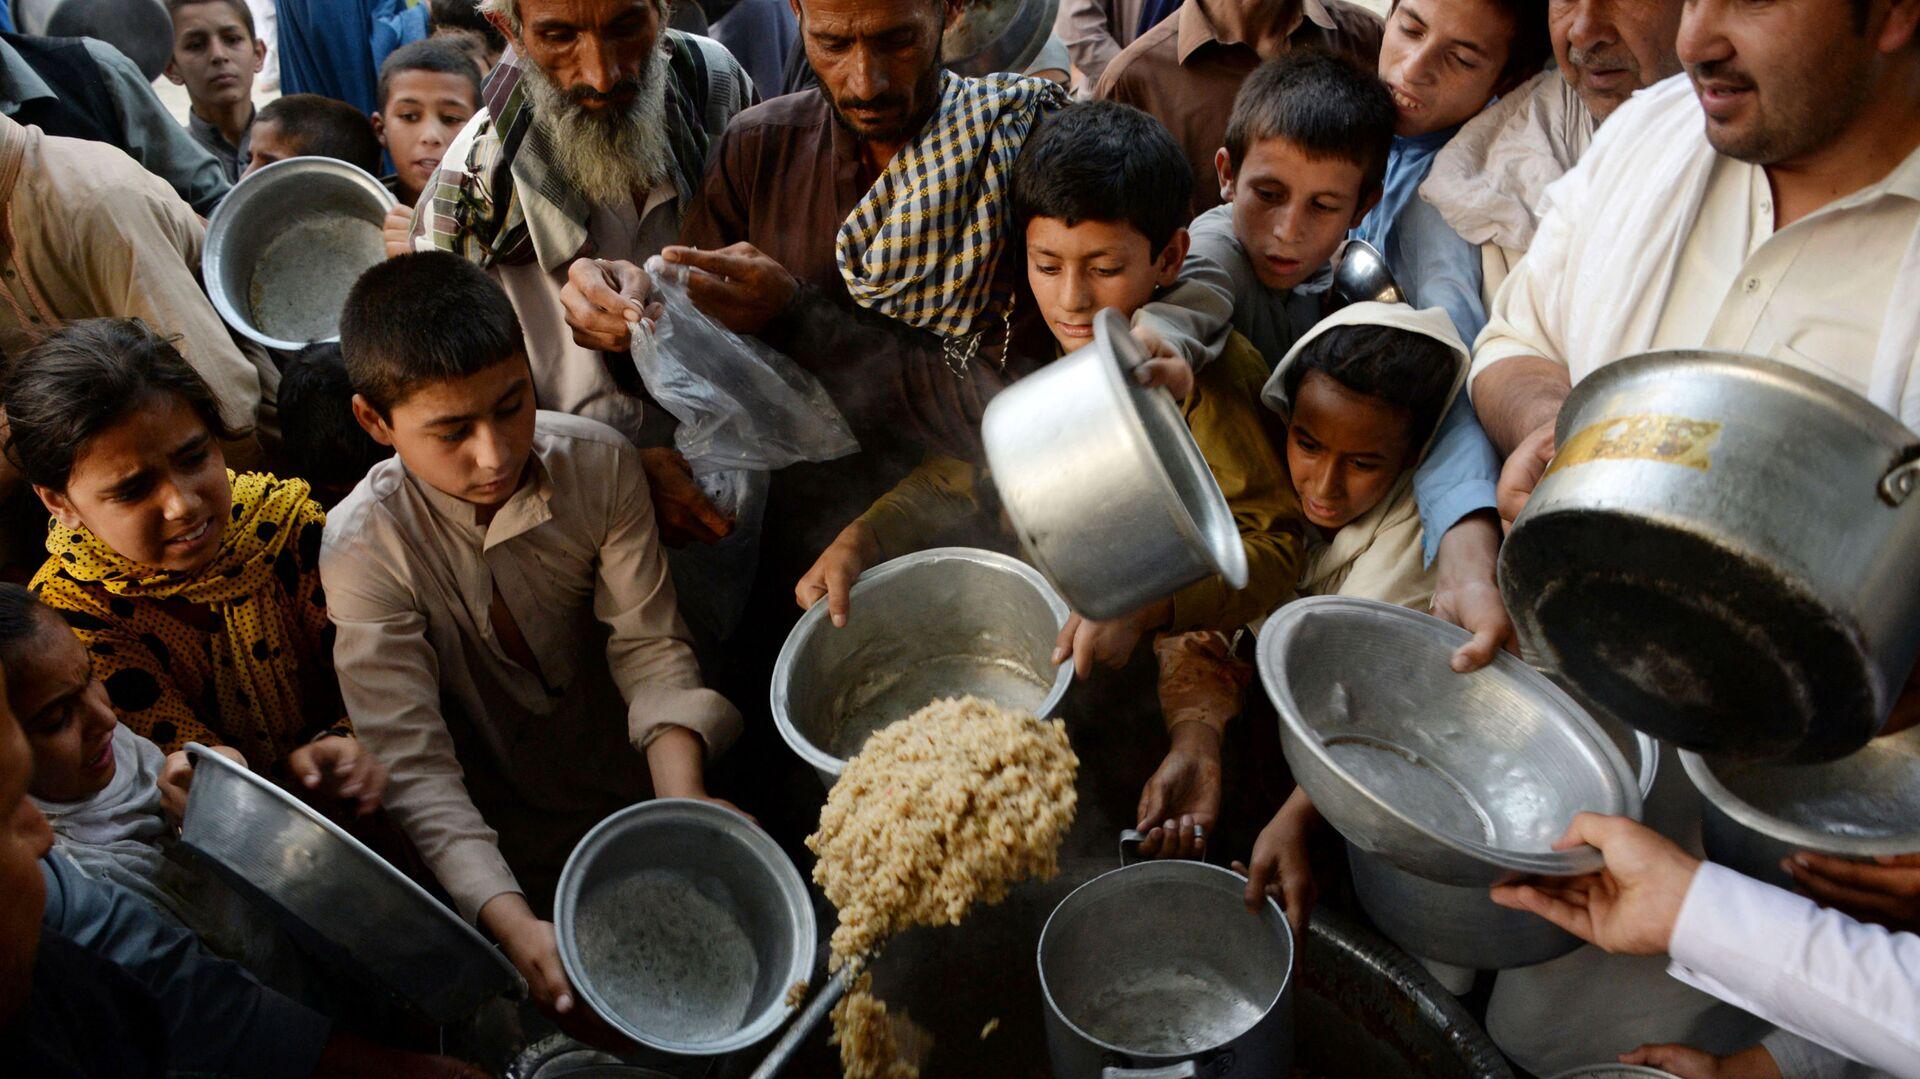 Афганские дети держат тарелки в ожидании еды в городе Джелалабад - Sputnik Тоҷикистон, 1920, 06.10.2021